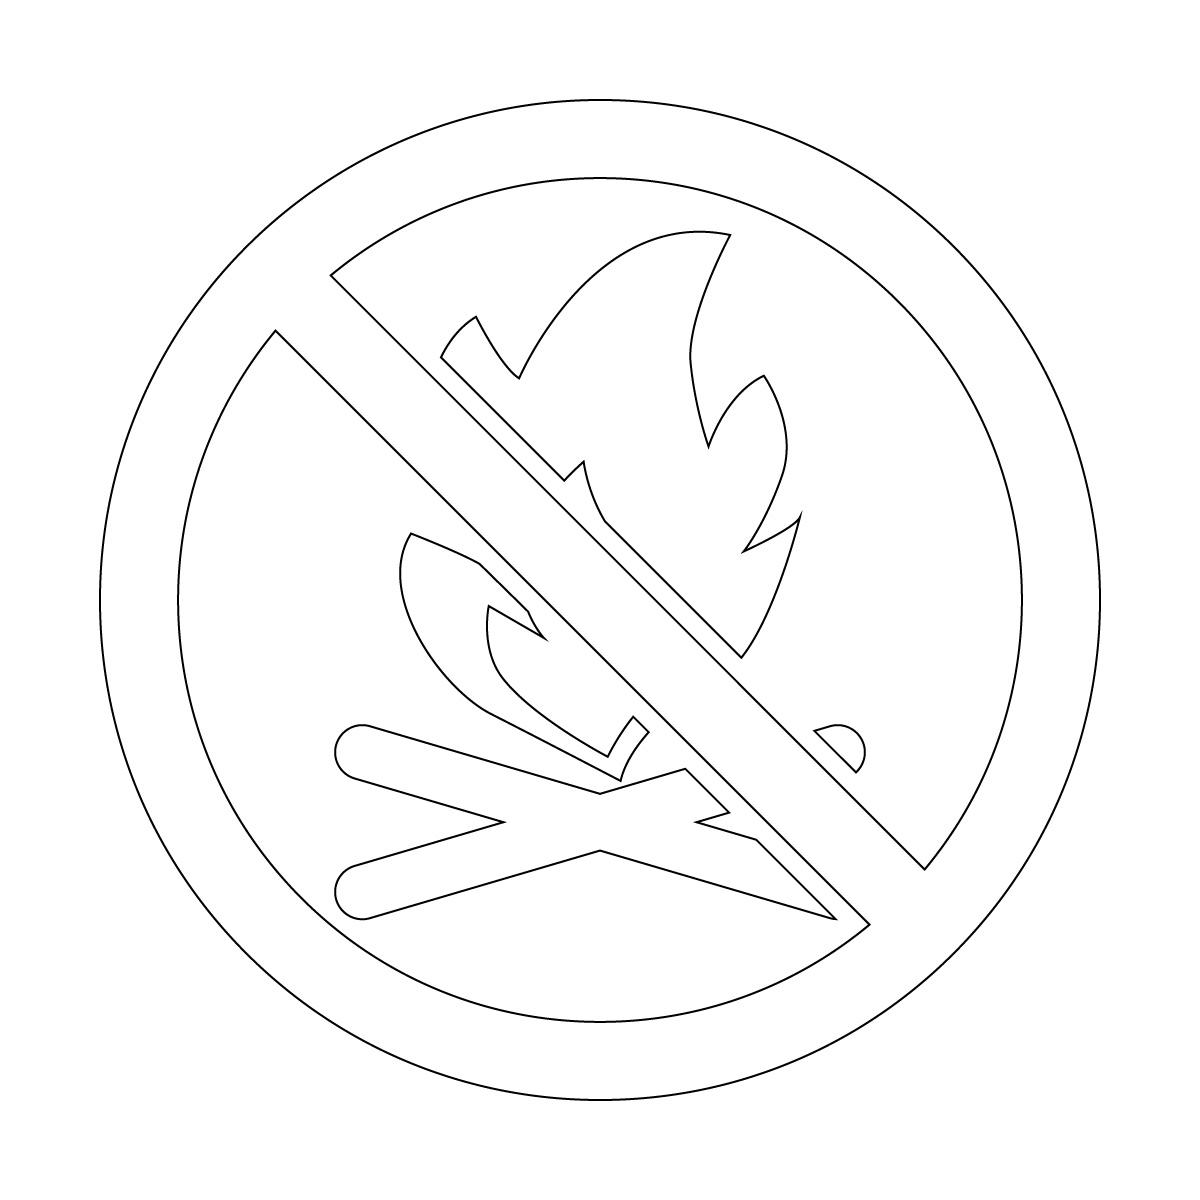 白色の焚き火・火起こし禁止マークのカッティングステッカー・シール